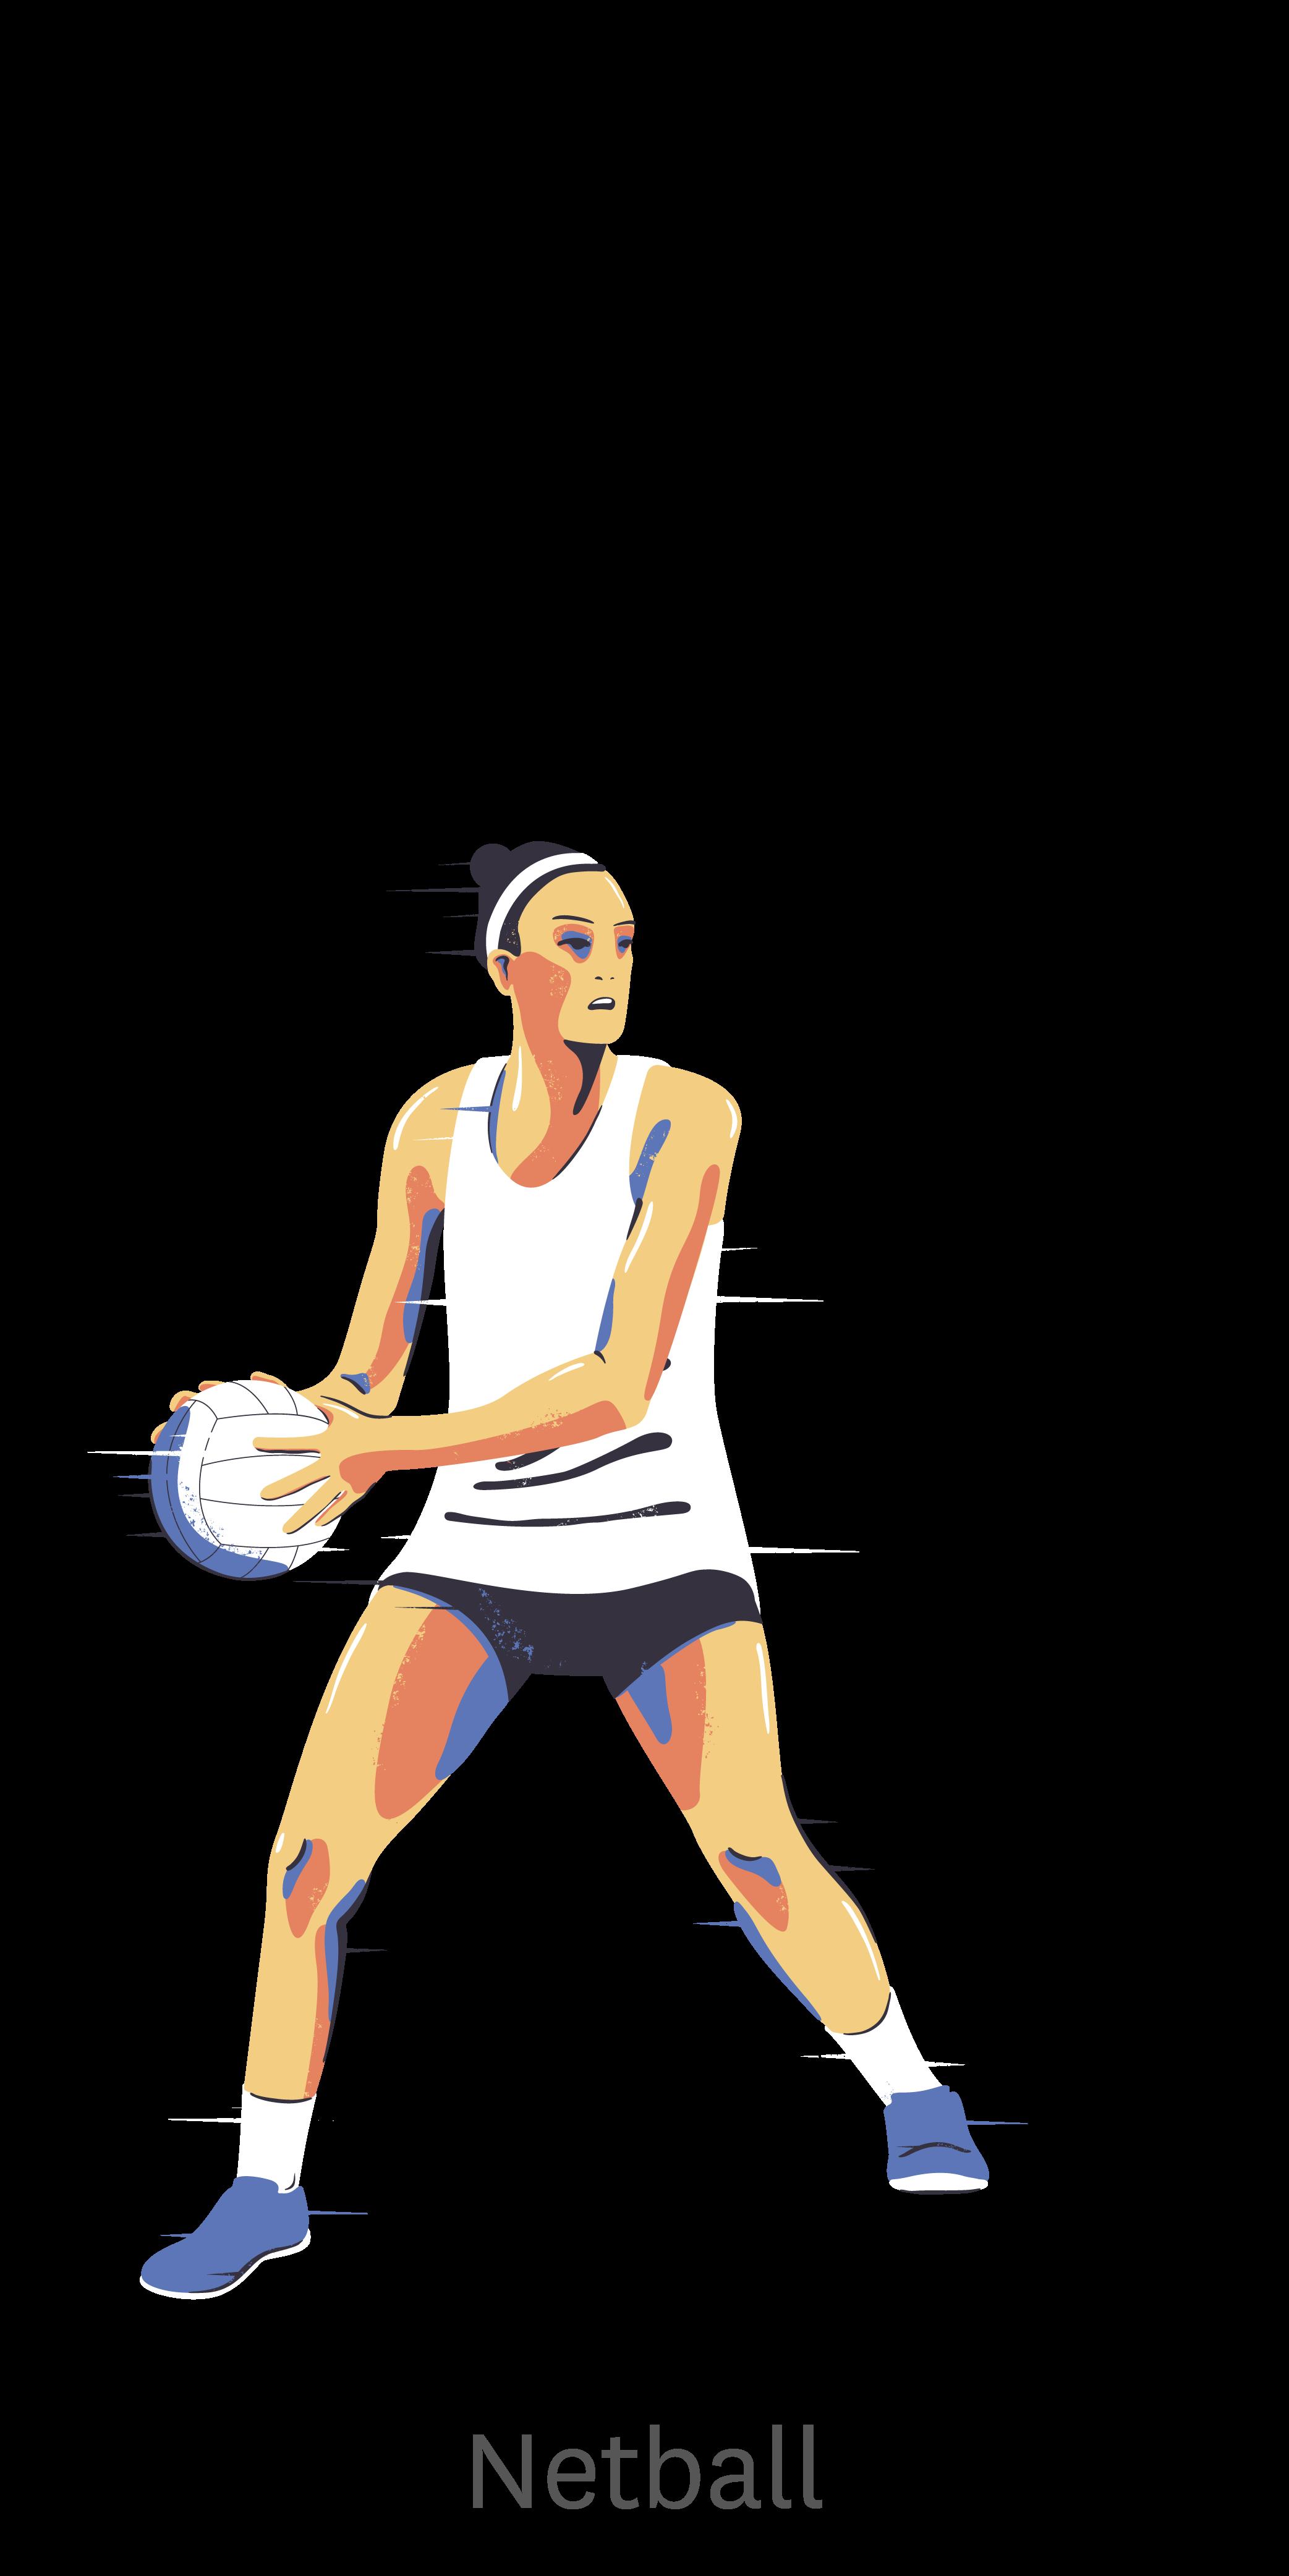 movement_sport_netball.png